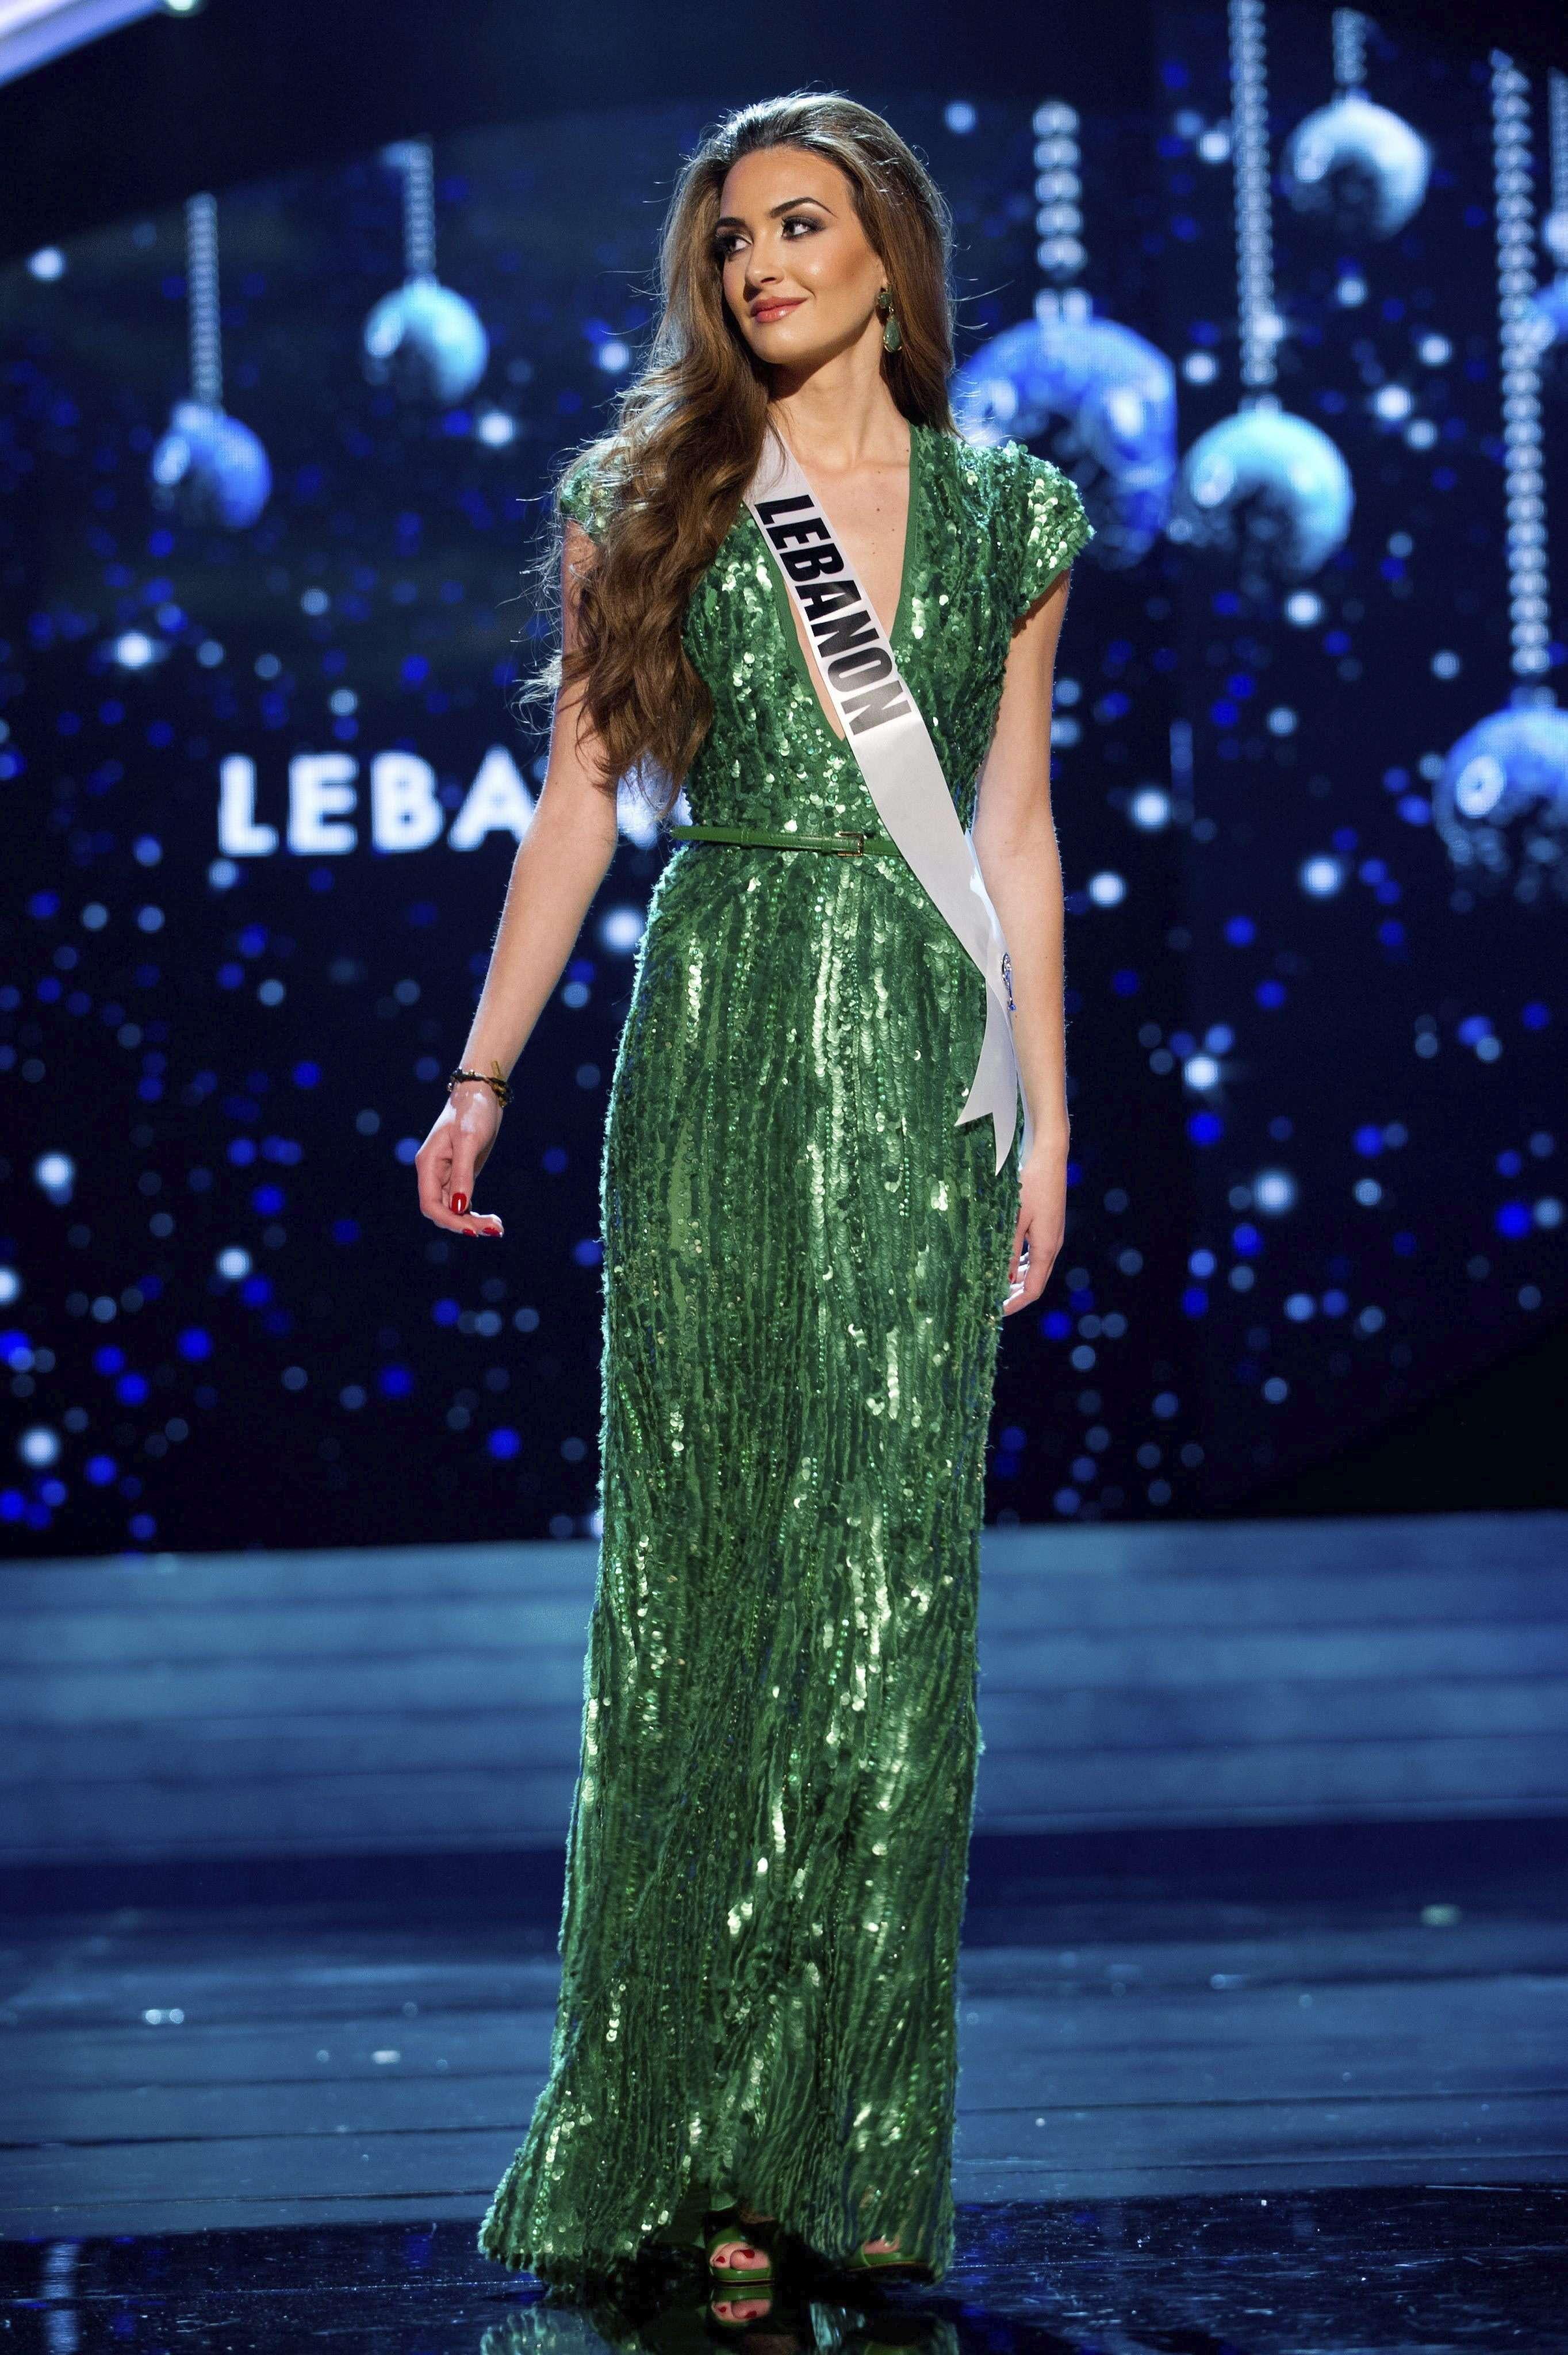 Candidatas do Miss Universo fazem ensaio de roupa de gala